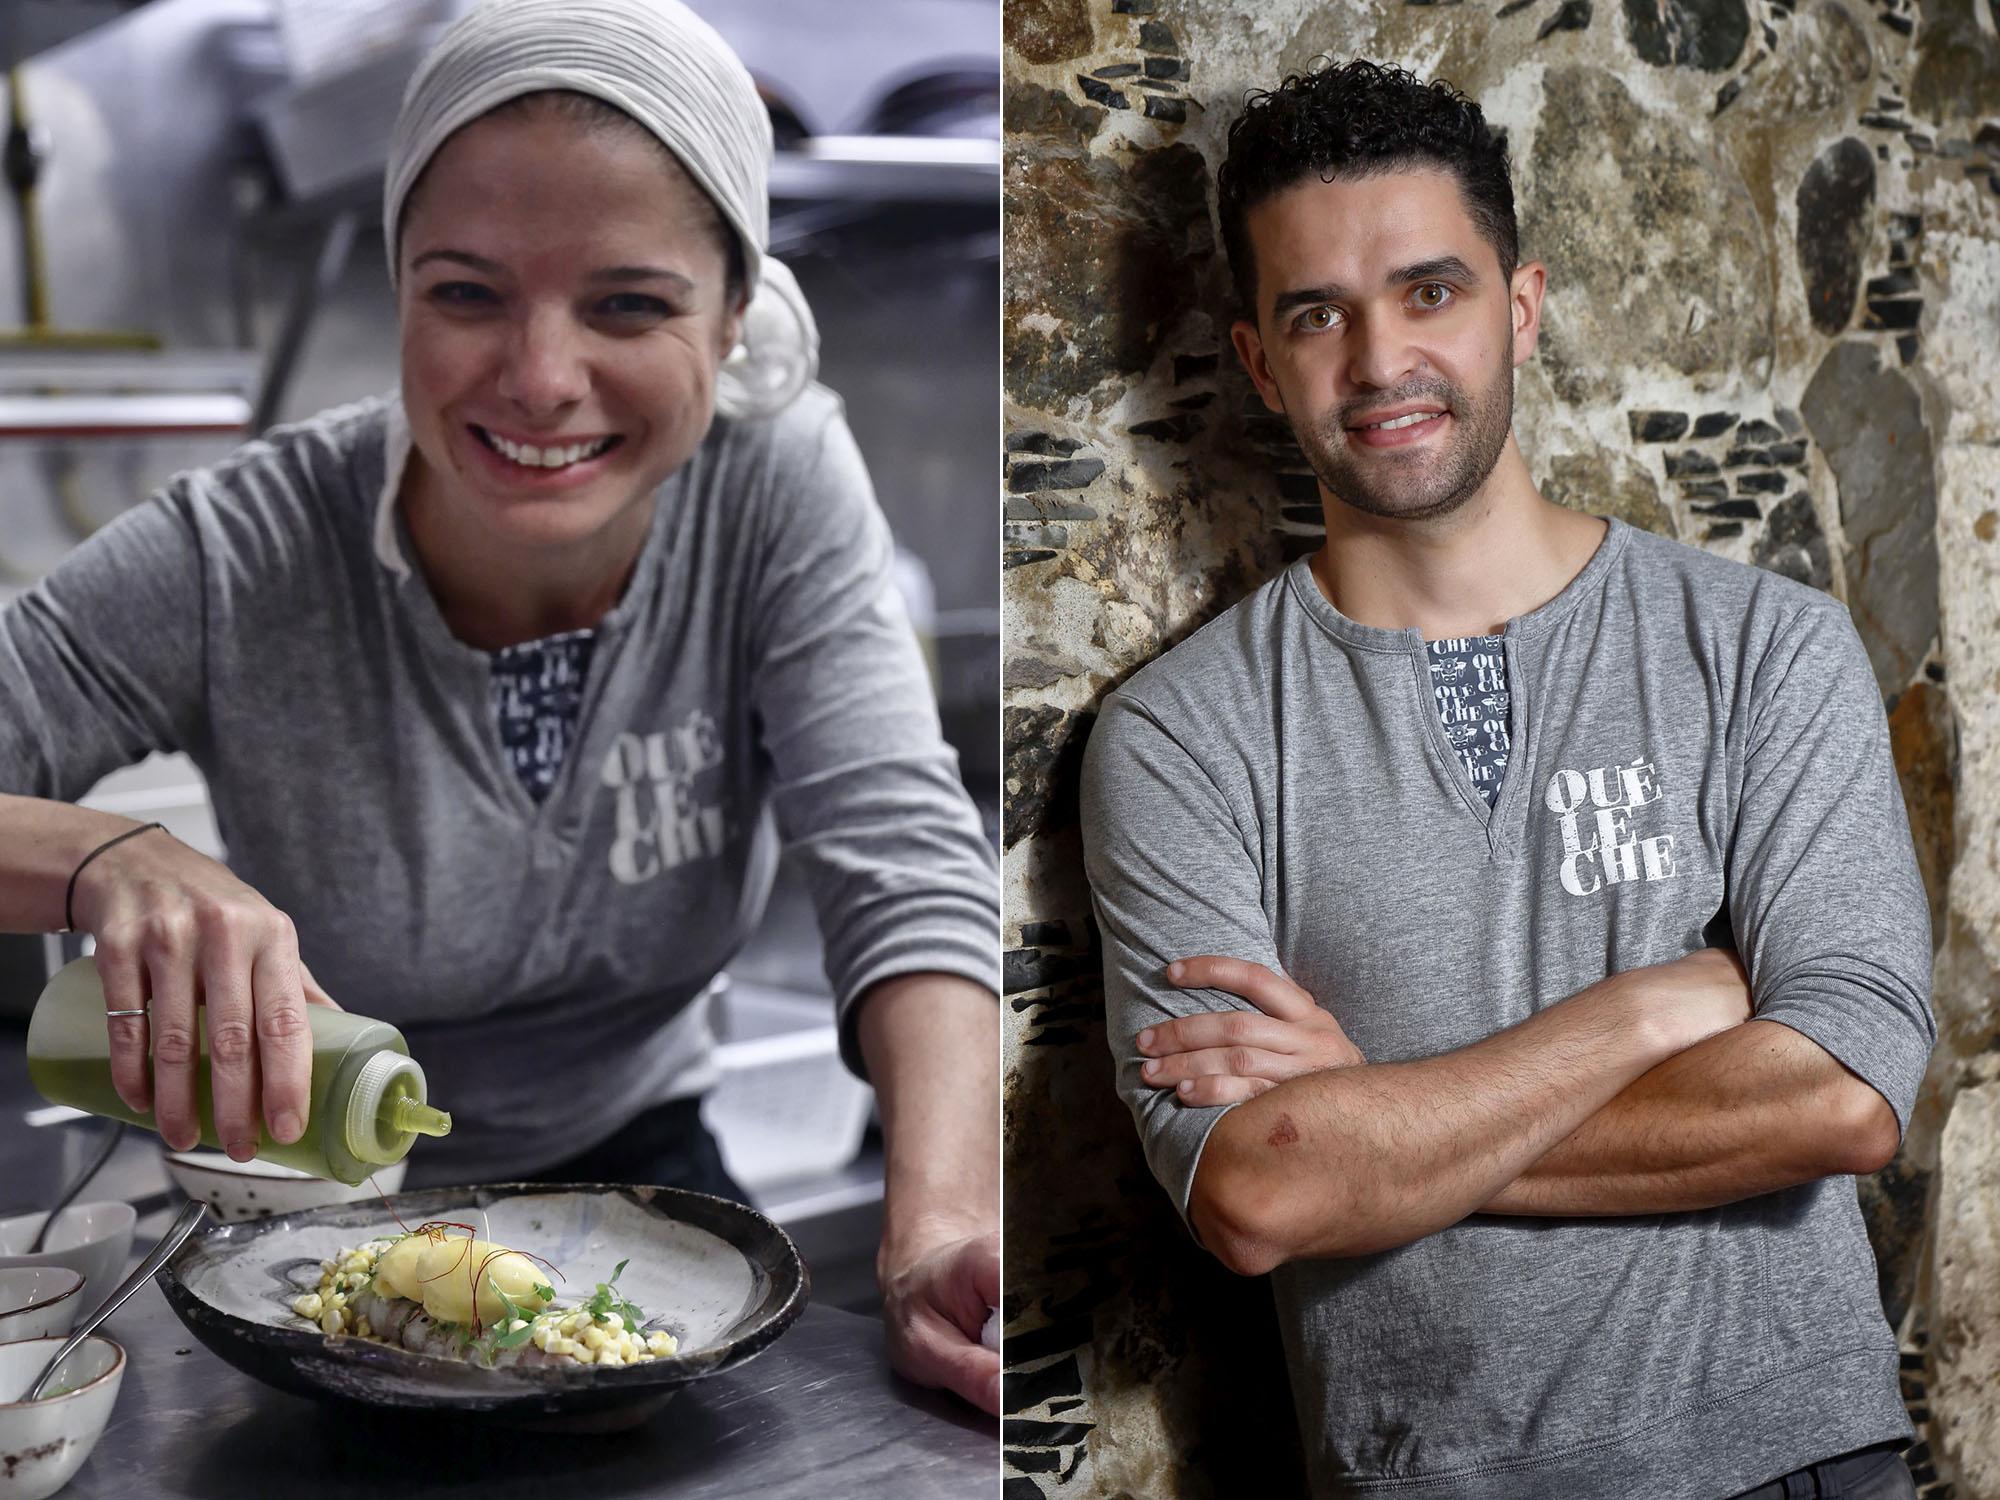 Restaurante Qué Leche (Las Palmas de GC) - Jennise Ferrari y Mario Rodríguez Ureña. Foto: Roberto Ranero